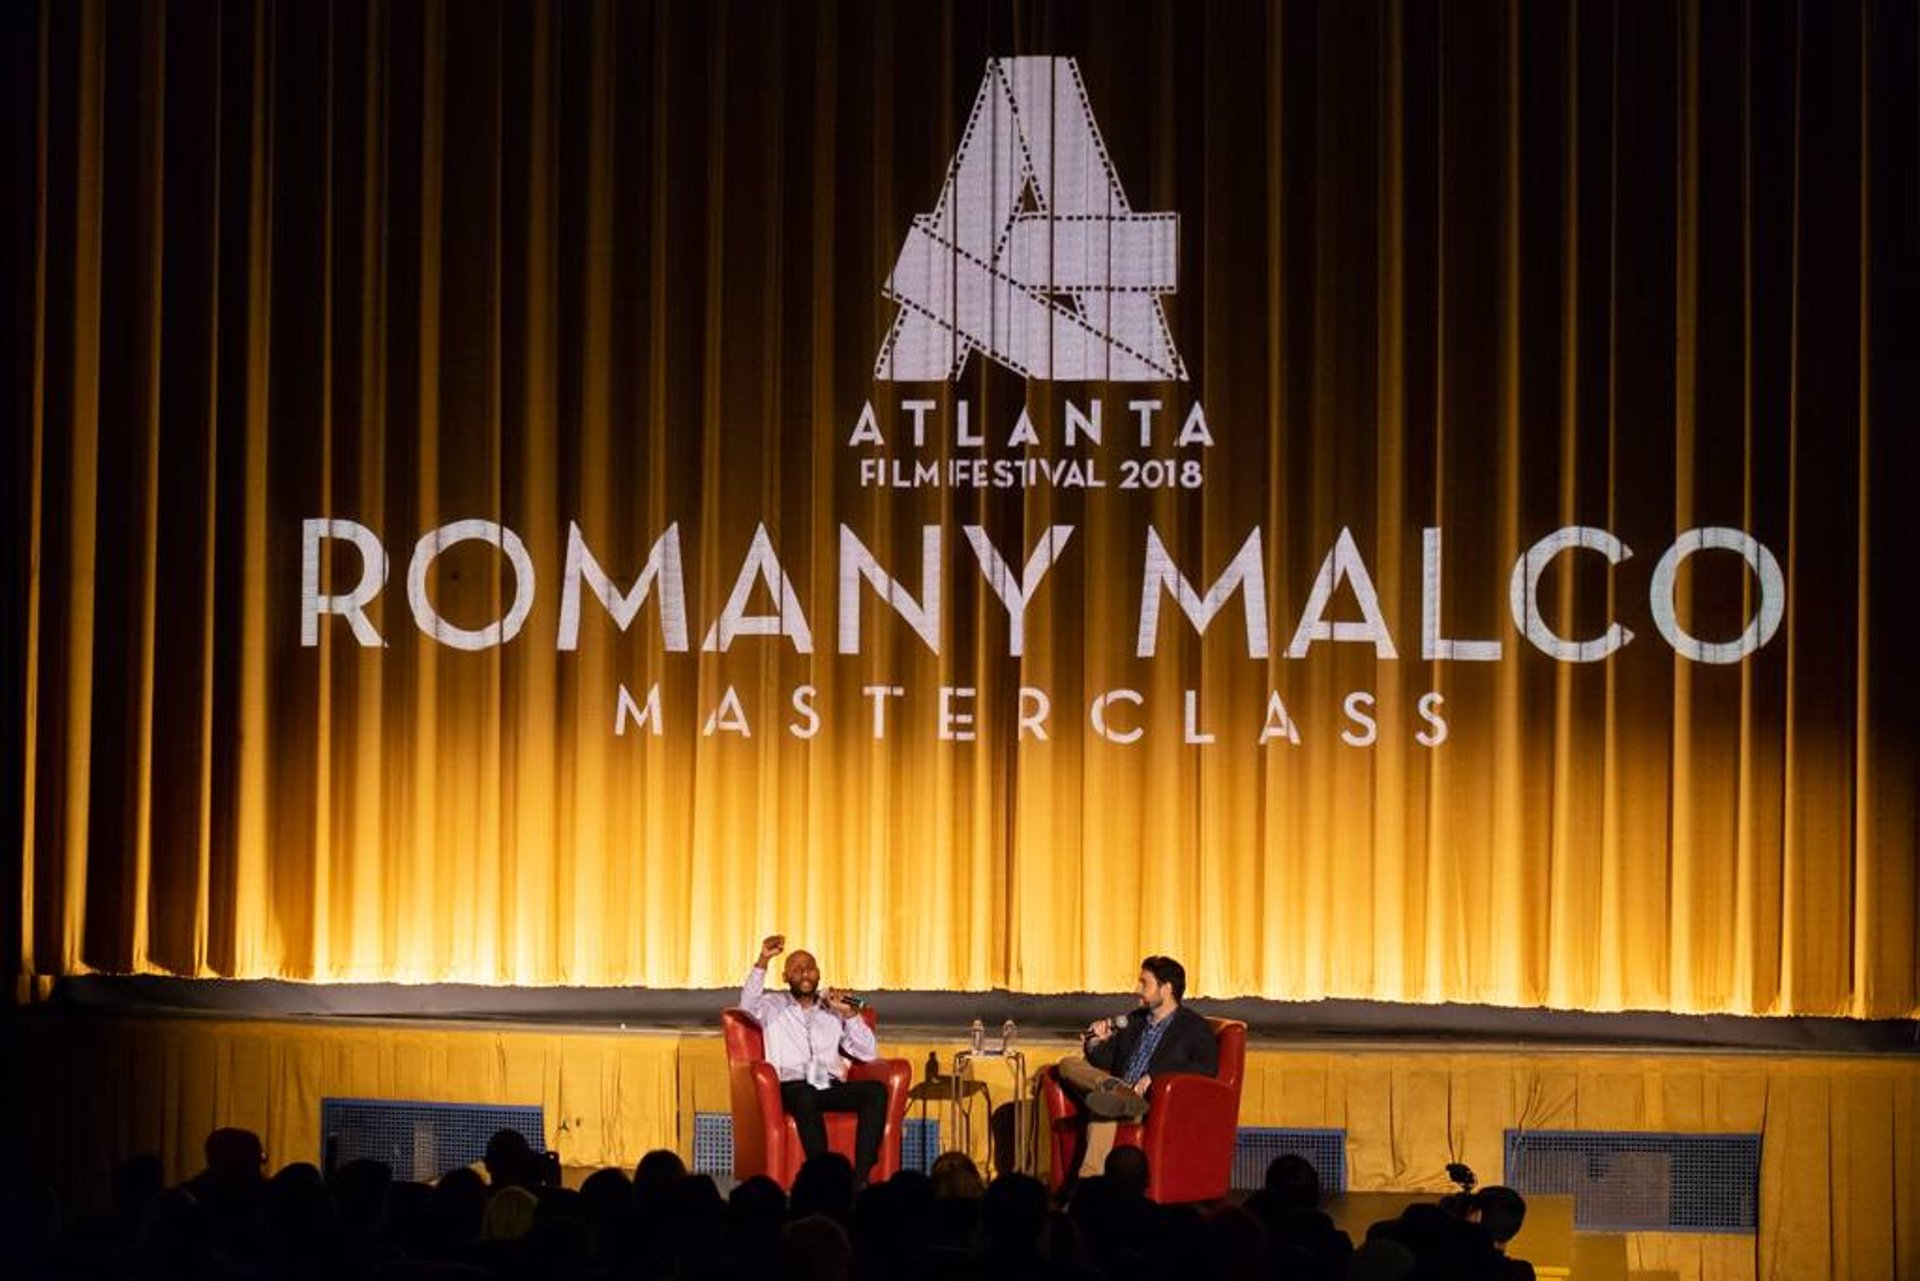 Atlanta Film Festival in Atlanta 2020 - Best Time